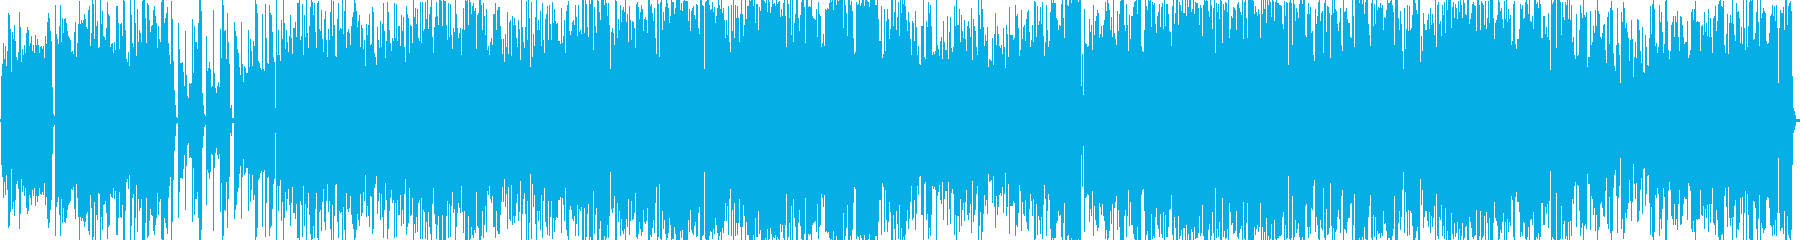 ドライブベース楽曲 疾走感 BGMの再生済みの波形